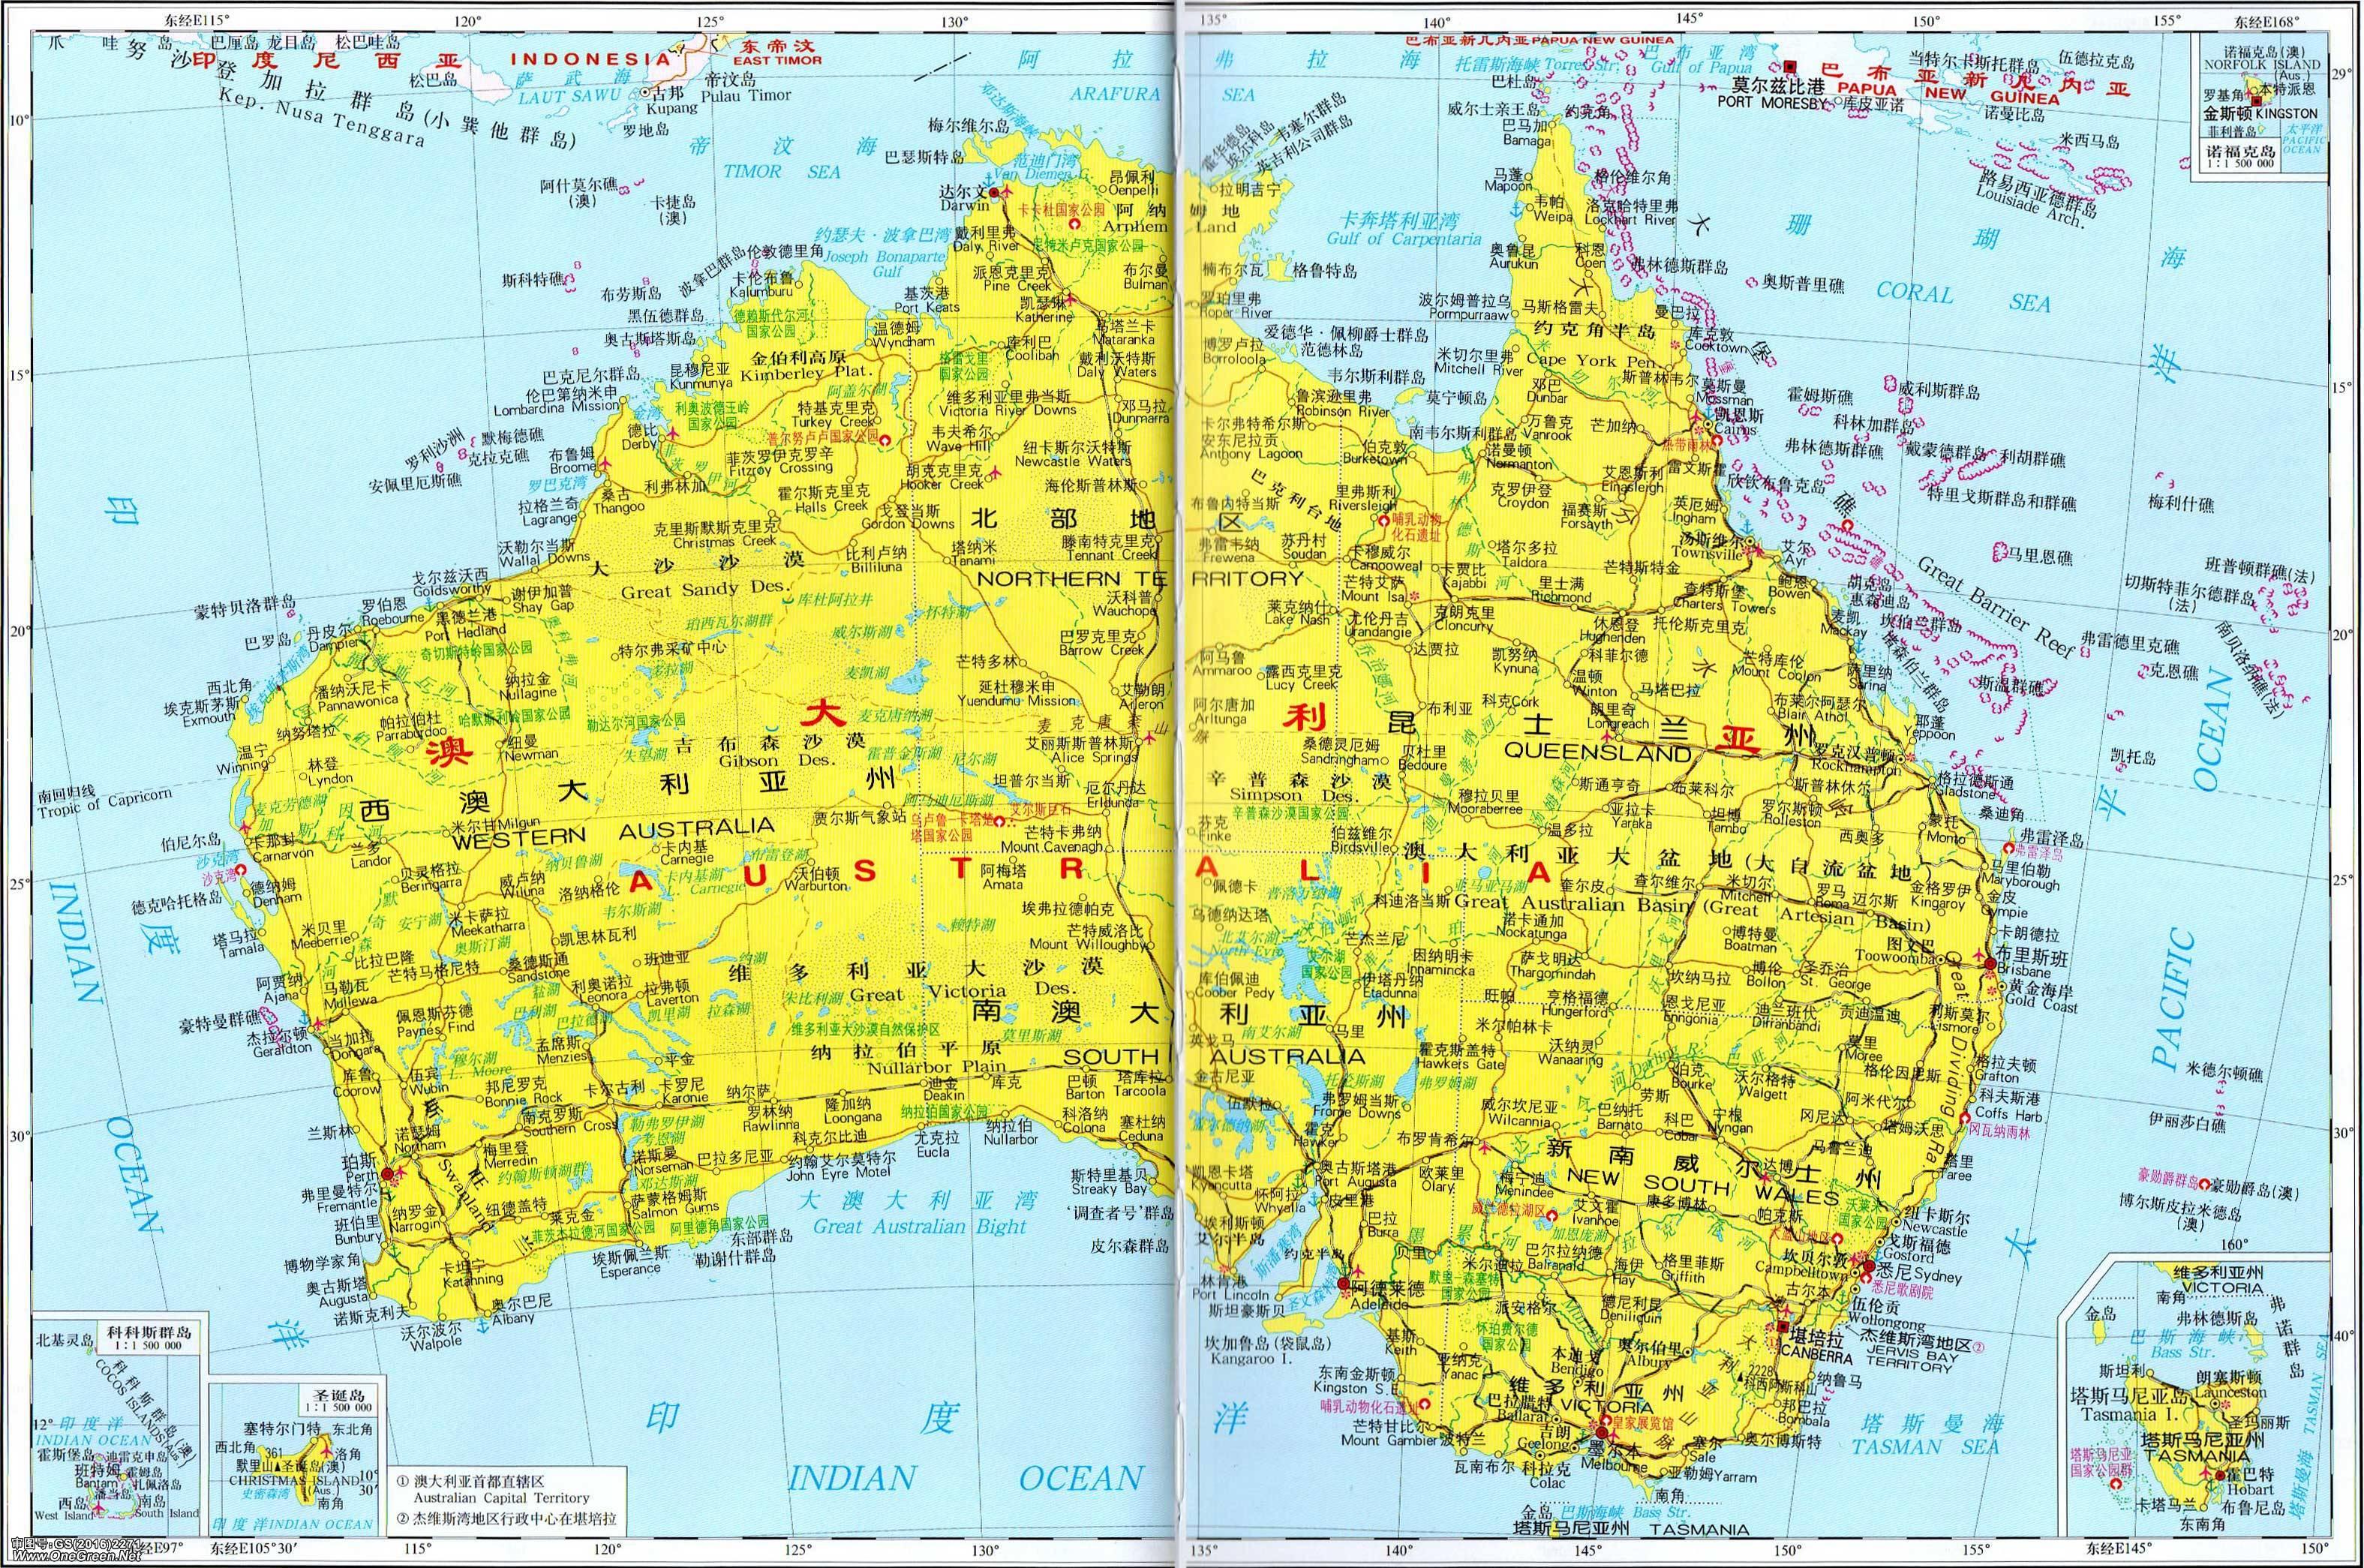 澳大利亚地图,澳洲地图